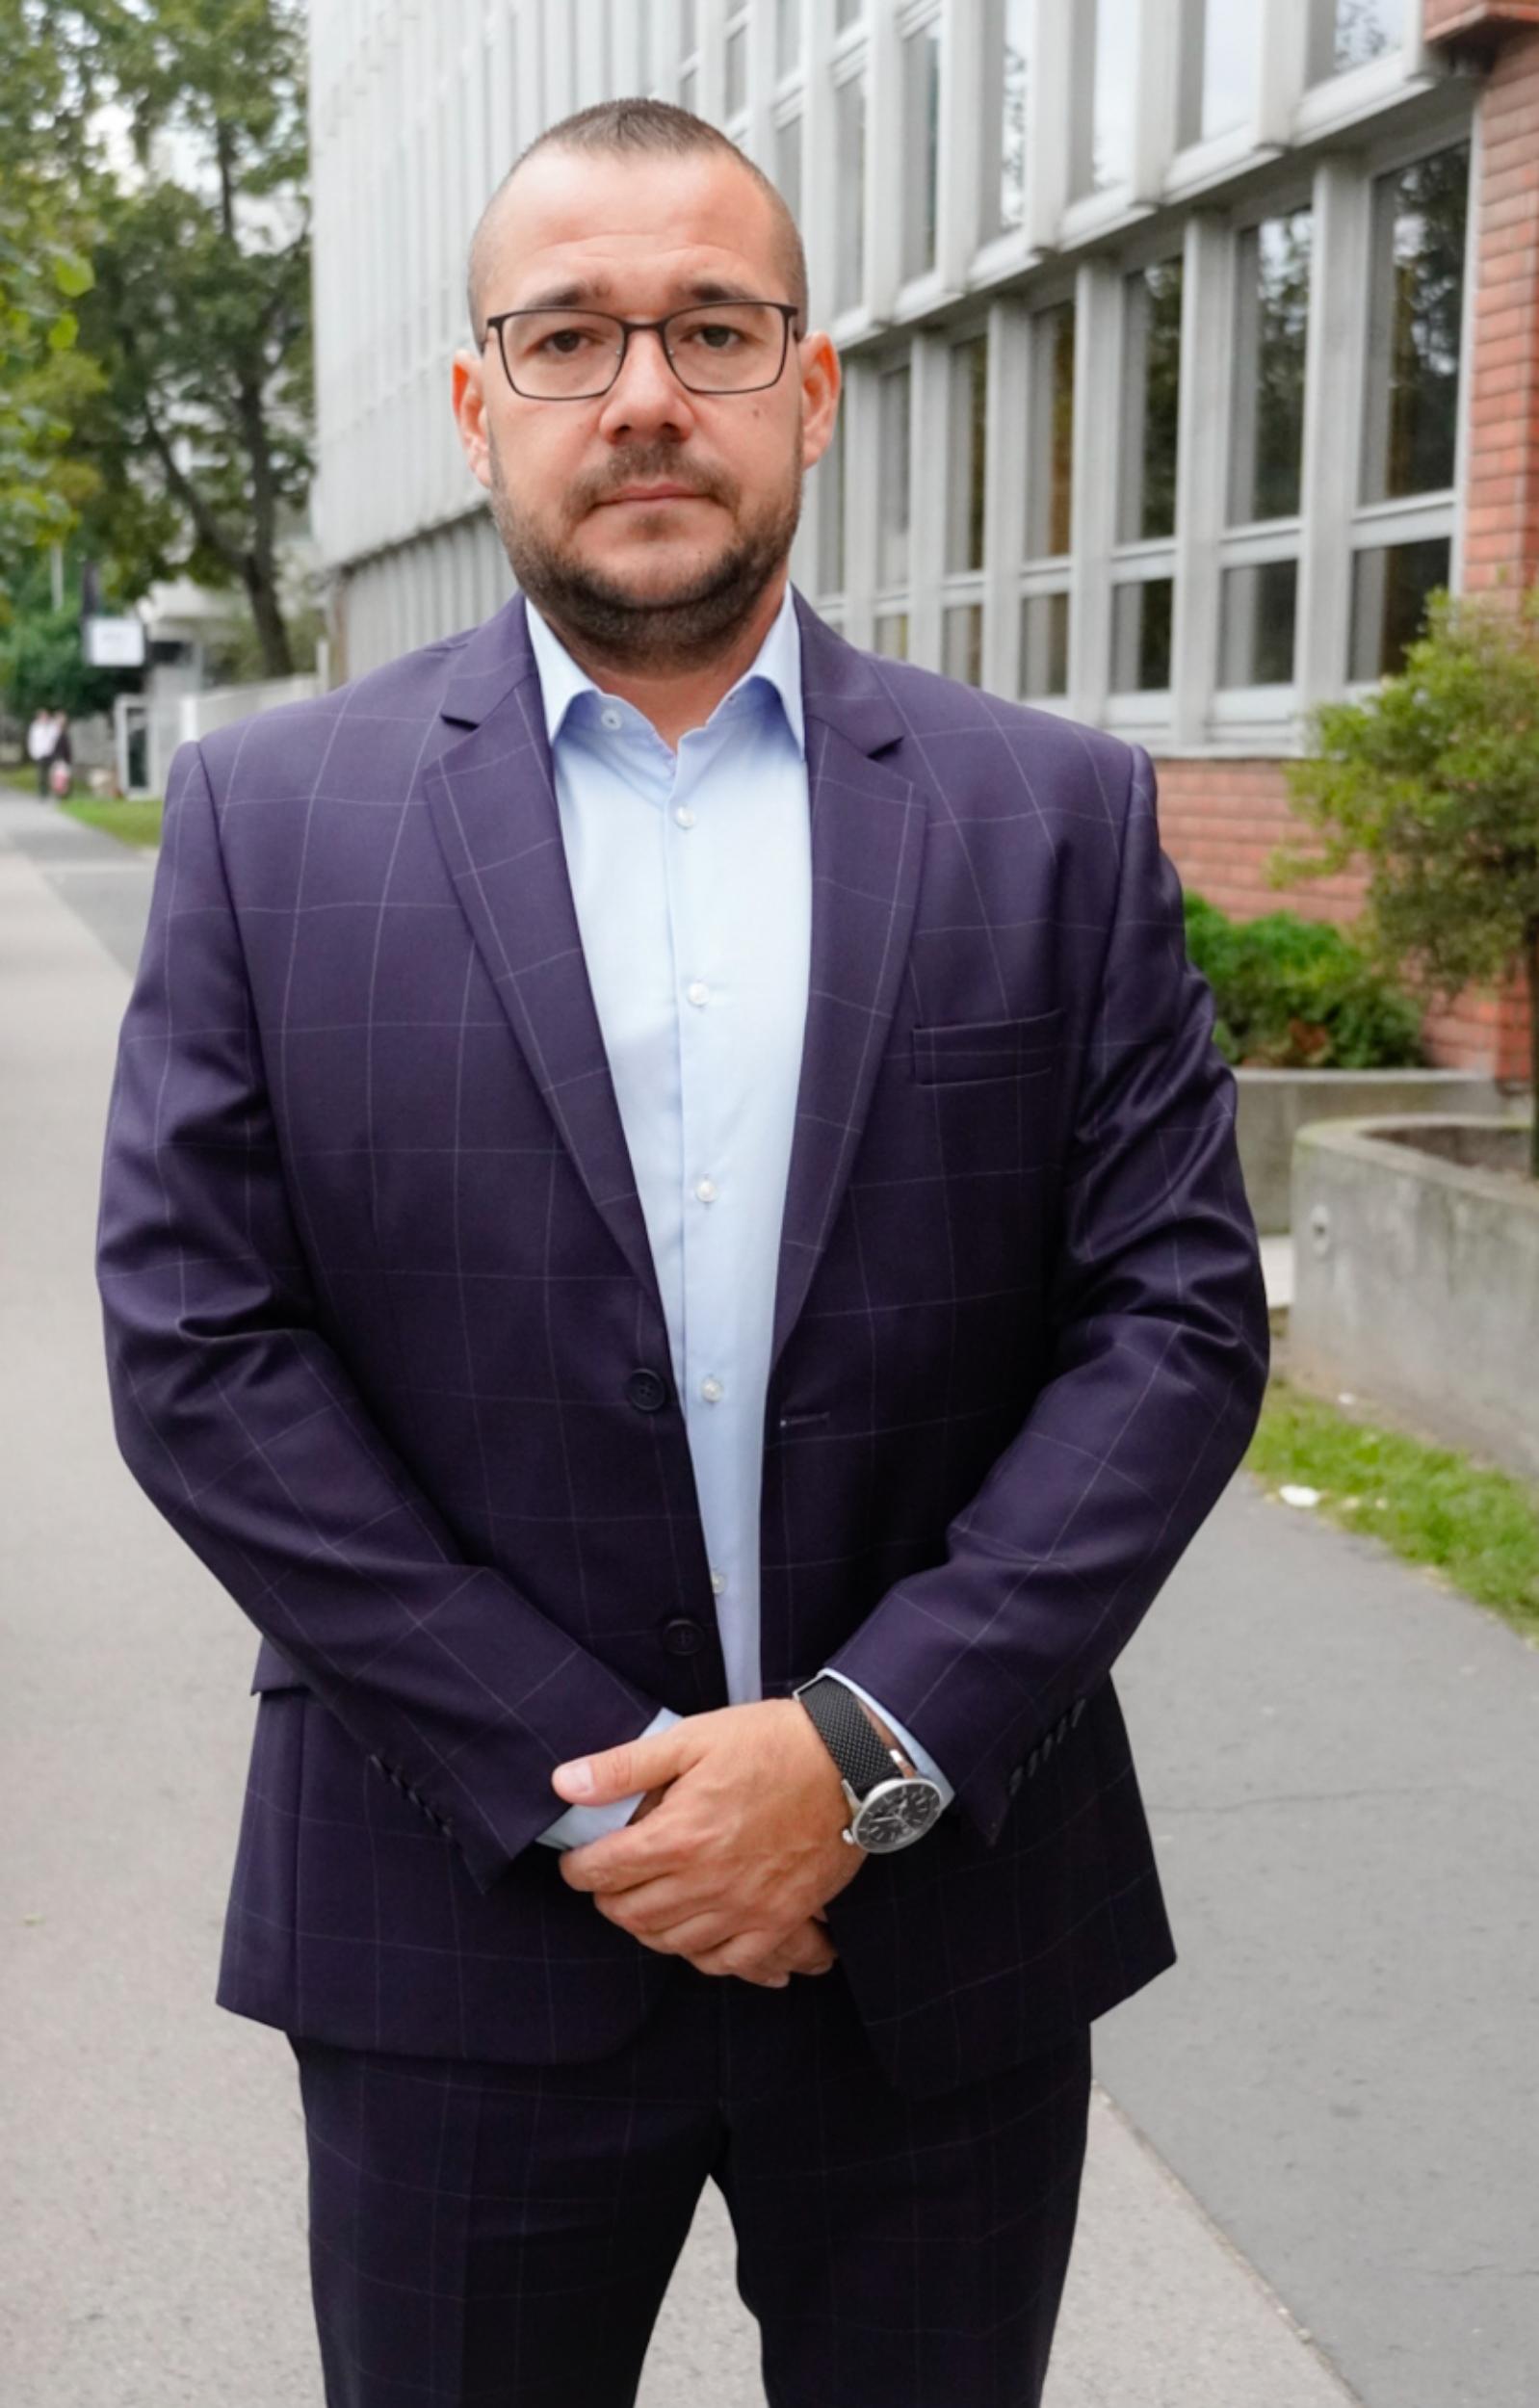 Dr. Horváth B. Gábor károsnak tartja az elnyúló eljárást